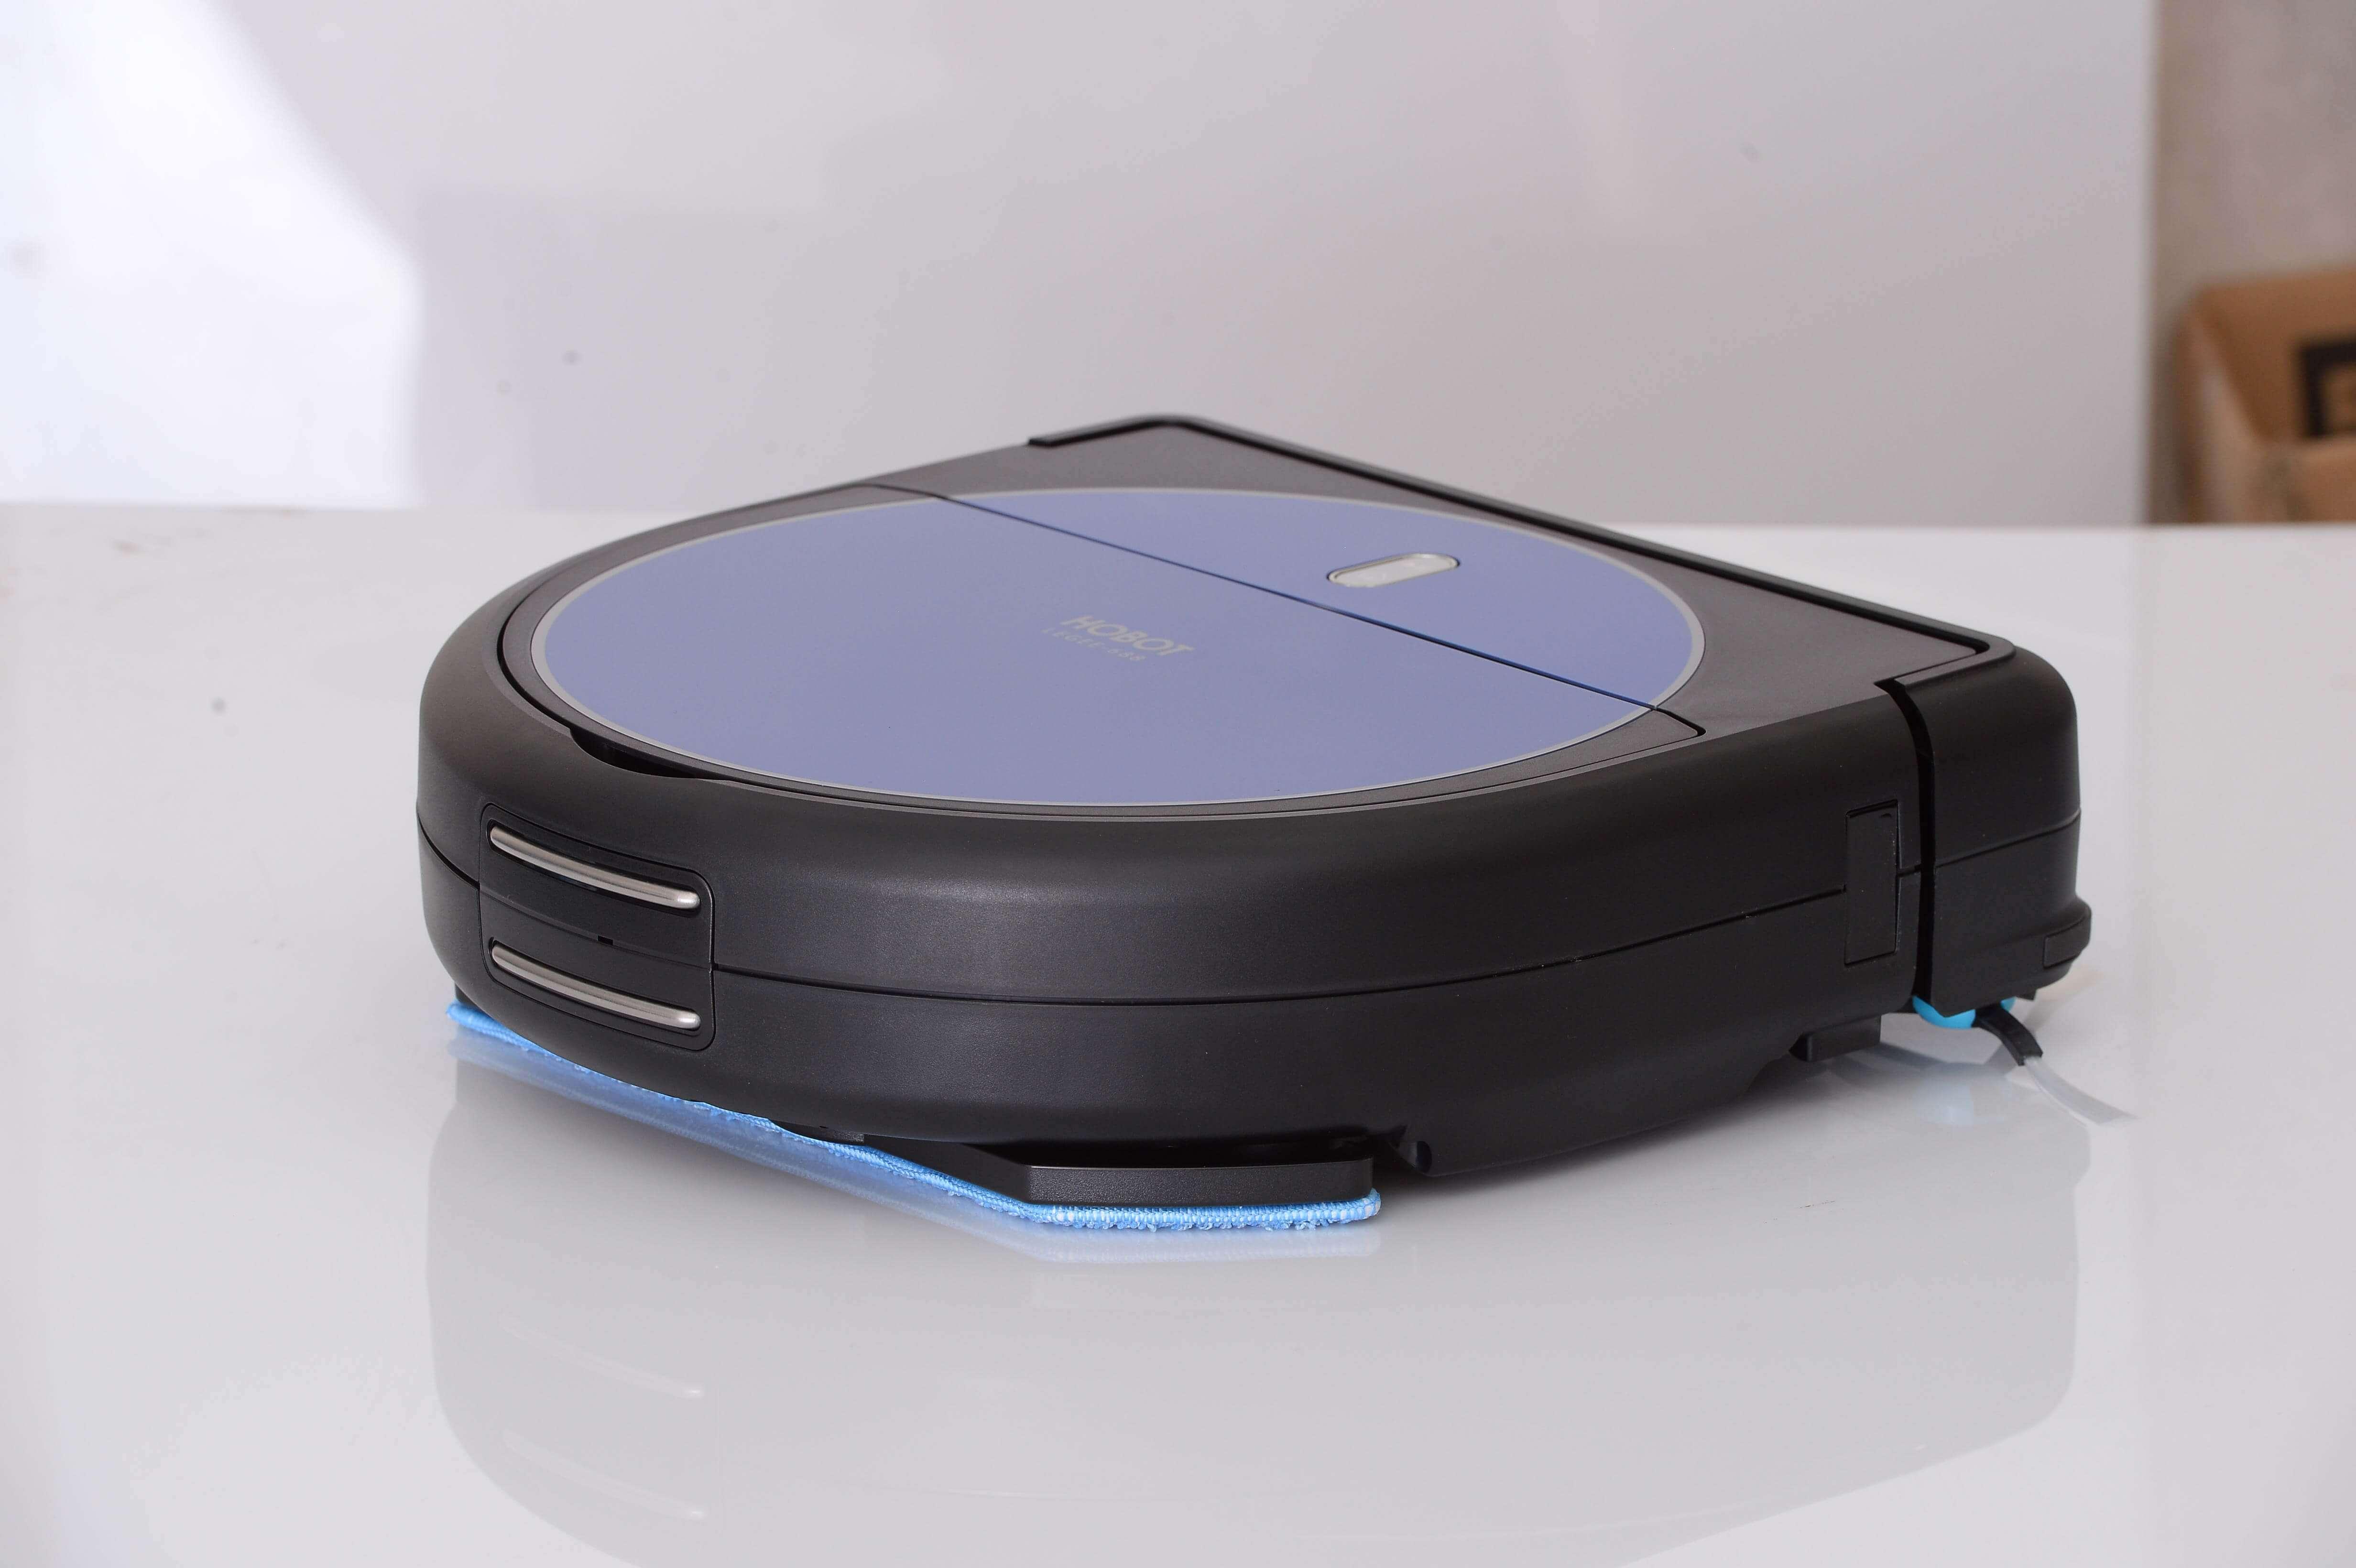 ТОП-5 роботов-полотеров 2020 года